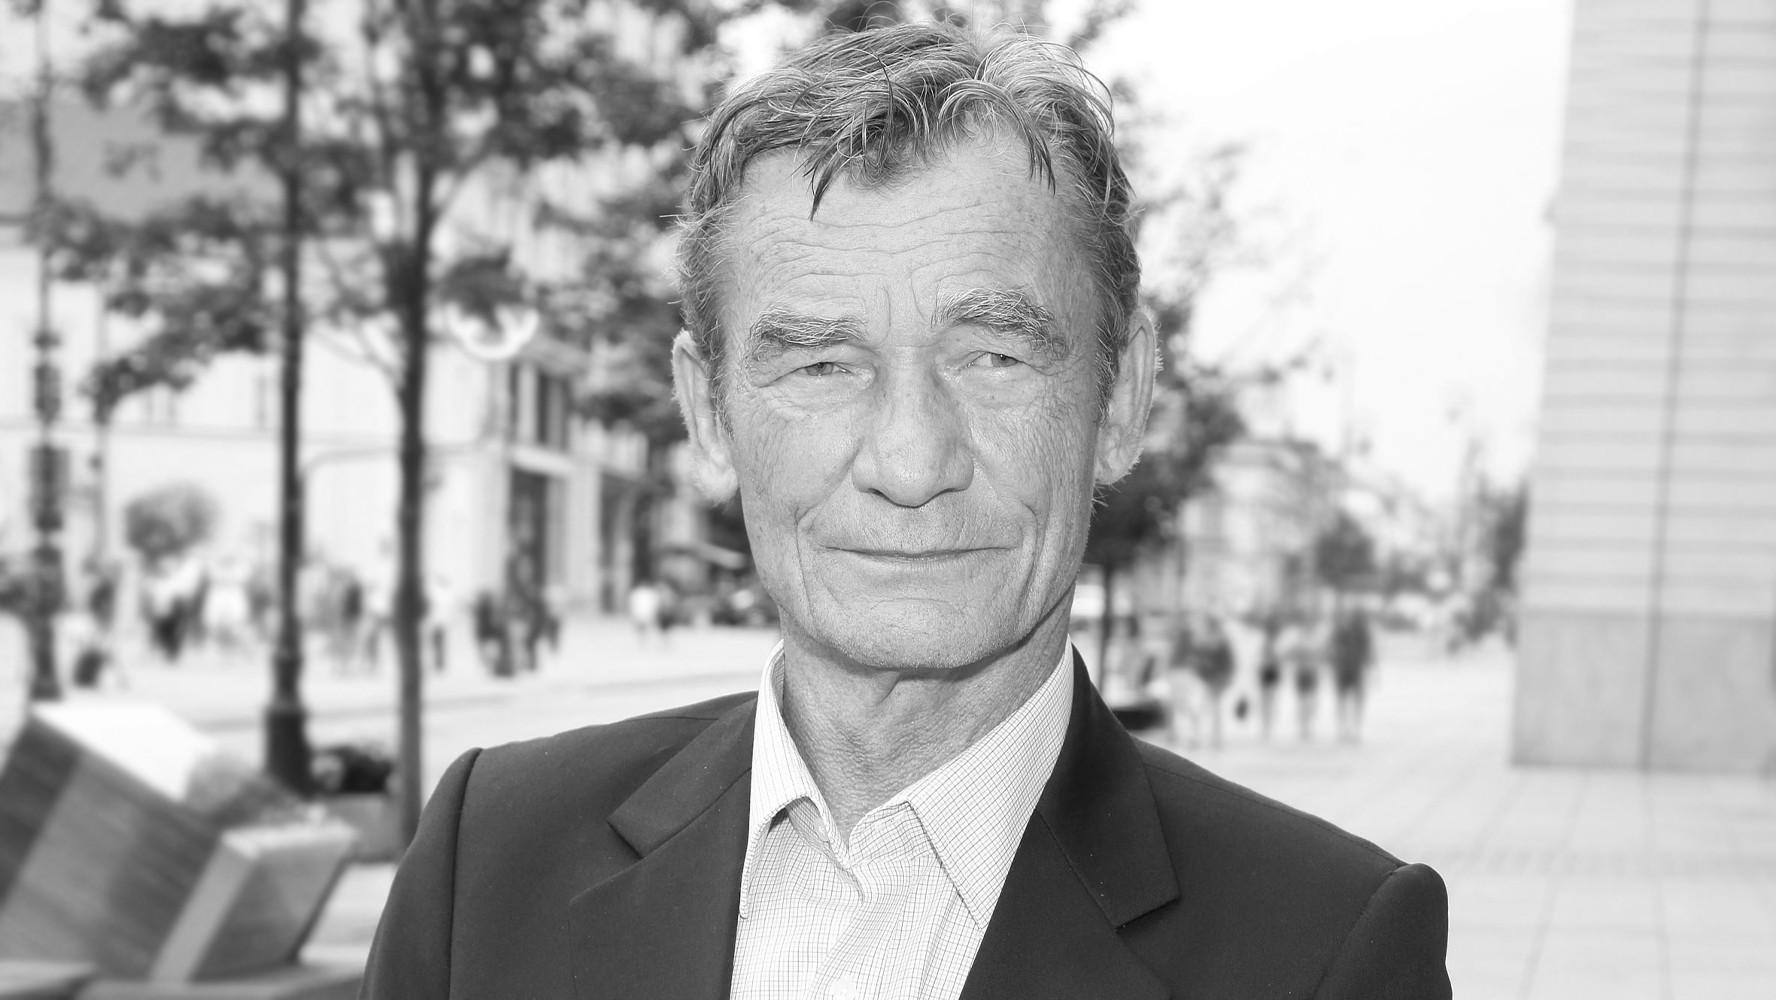 Nie żyje Krzysztof Kiersznowski. Popularny aktor miał 70 lat